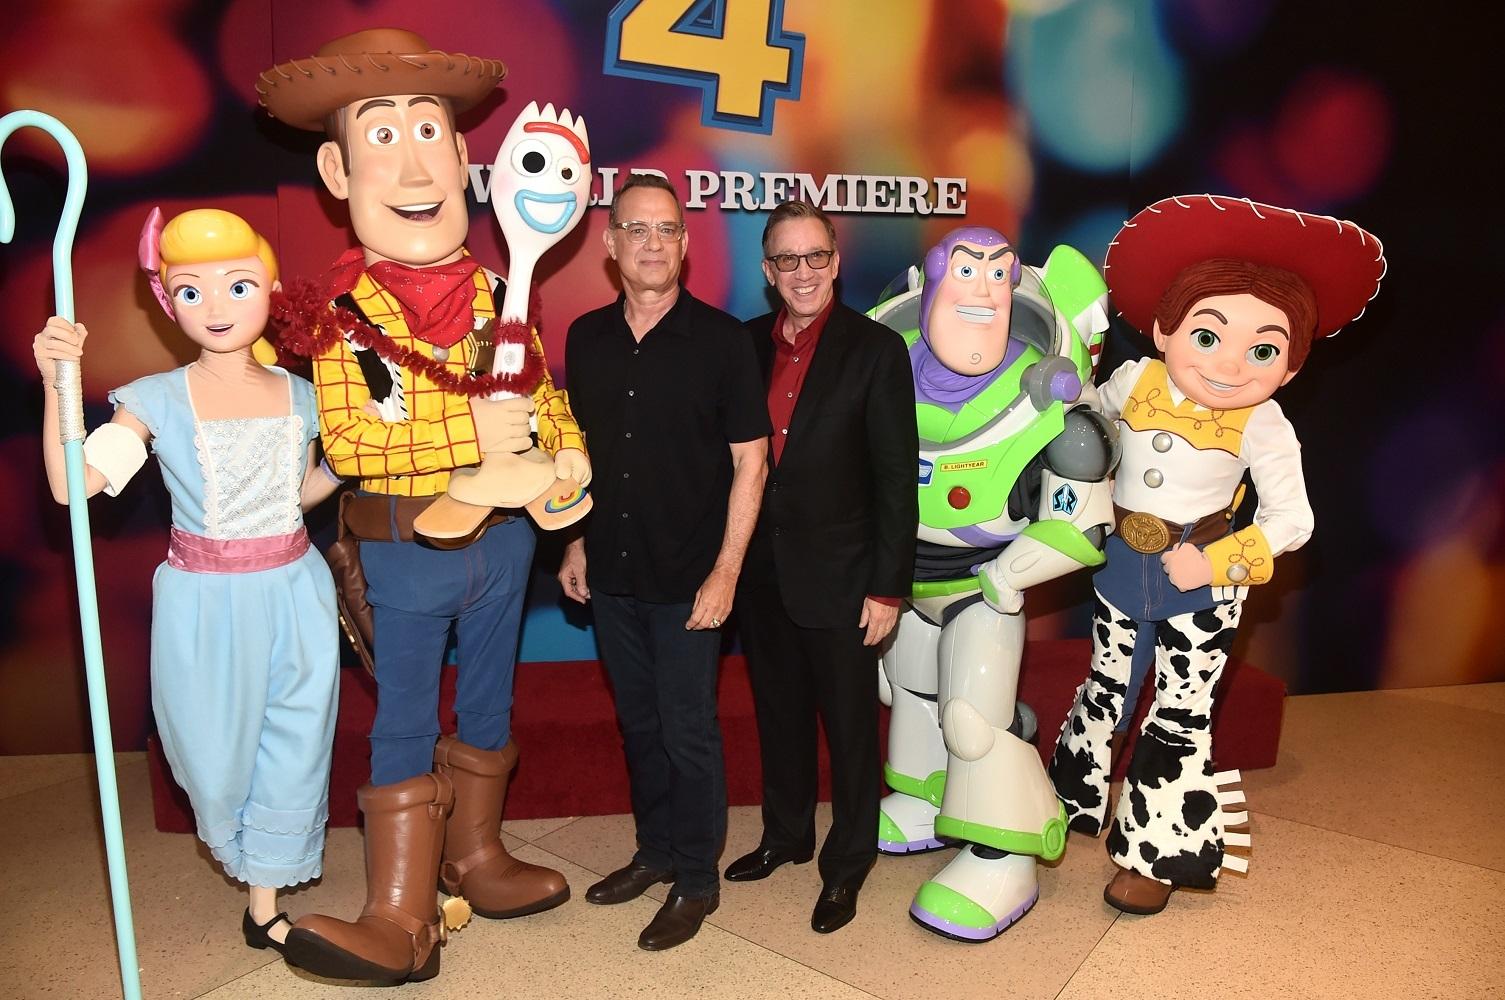 トム・ハンクス&ティム・アレン (C)2019 Disney/Pixar. All Rights Reserved.